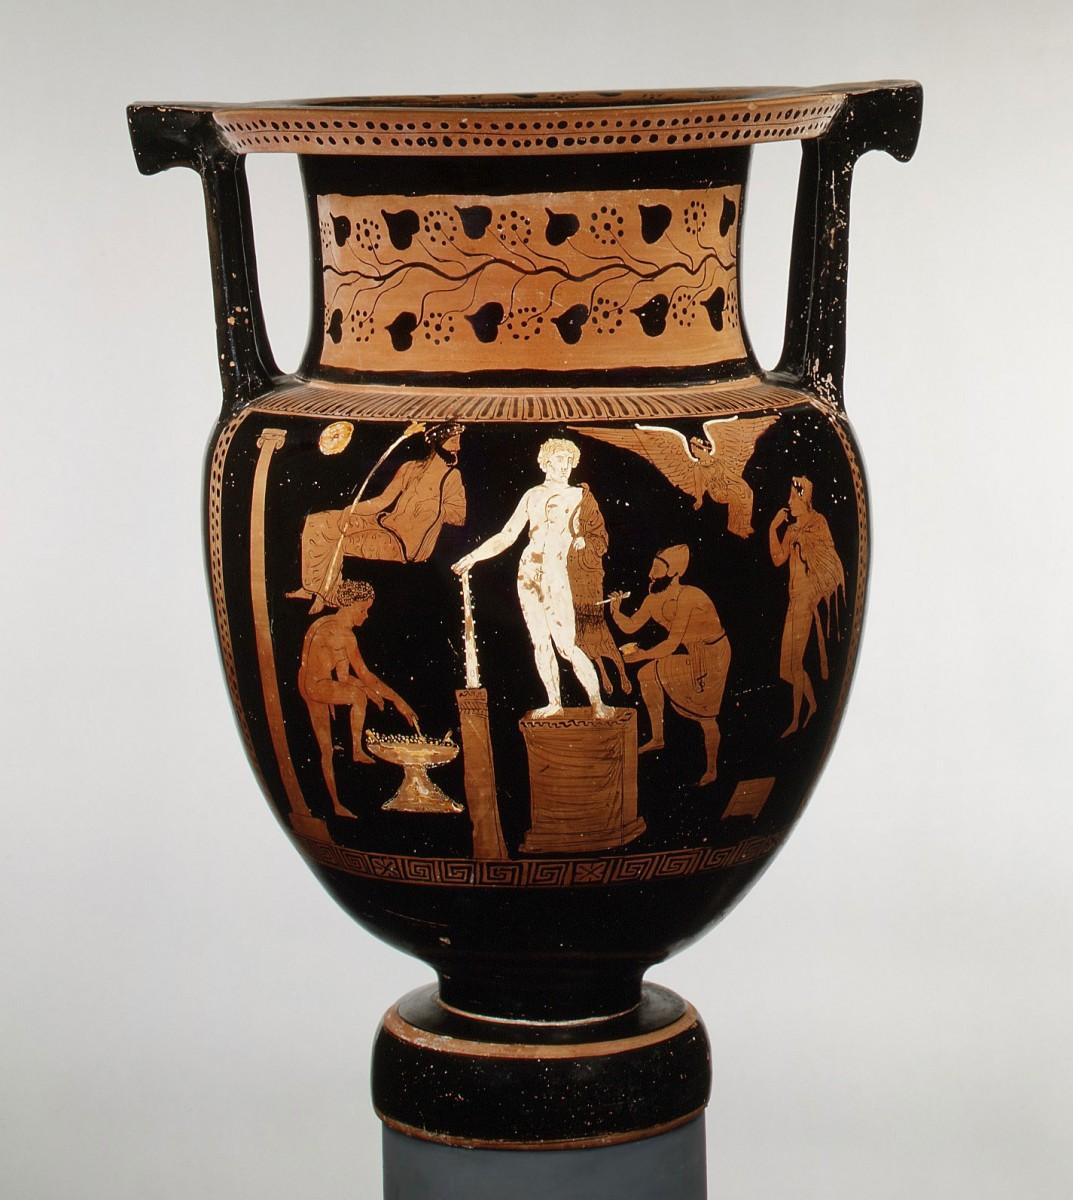 Ο απουλικός κρατήρας, που θα εκτεθεί από τις 9 Μαΐου έως τις 30 Σεπτεμβρίου σε αίθουσα του Εθνικού Αρχαιολογικού Μουσείου (φωτ. ΑΠΕ-ΜΠΕ).